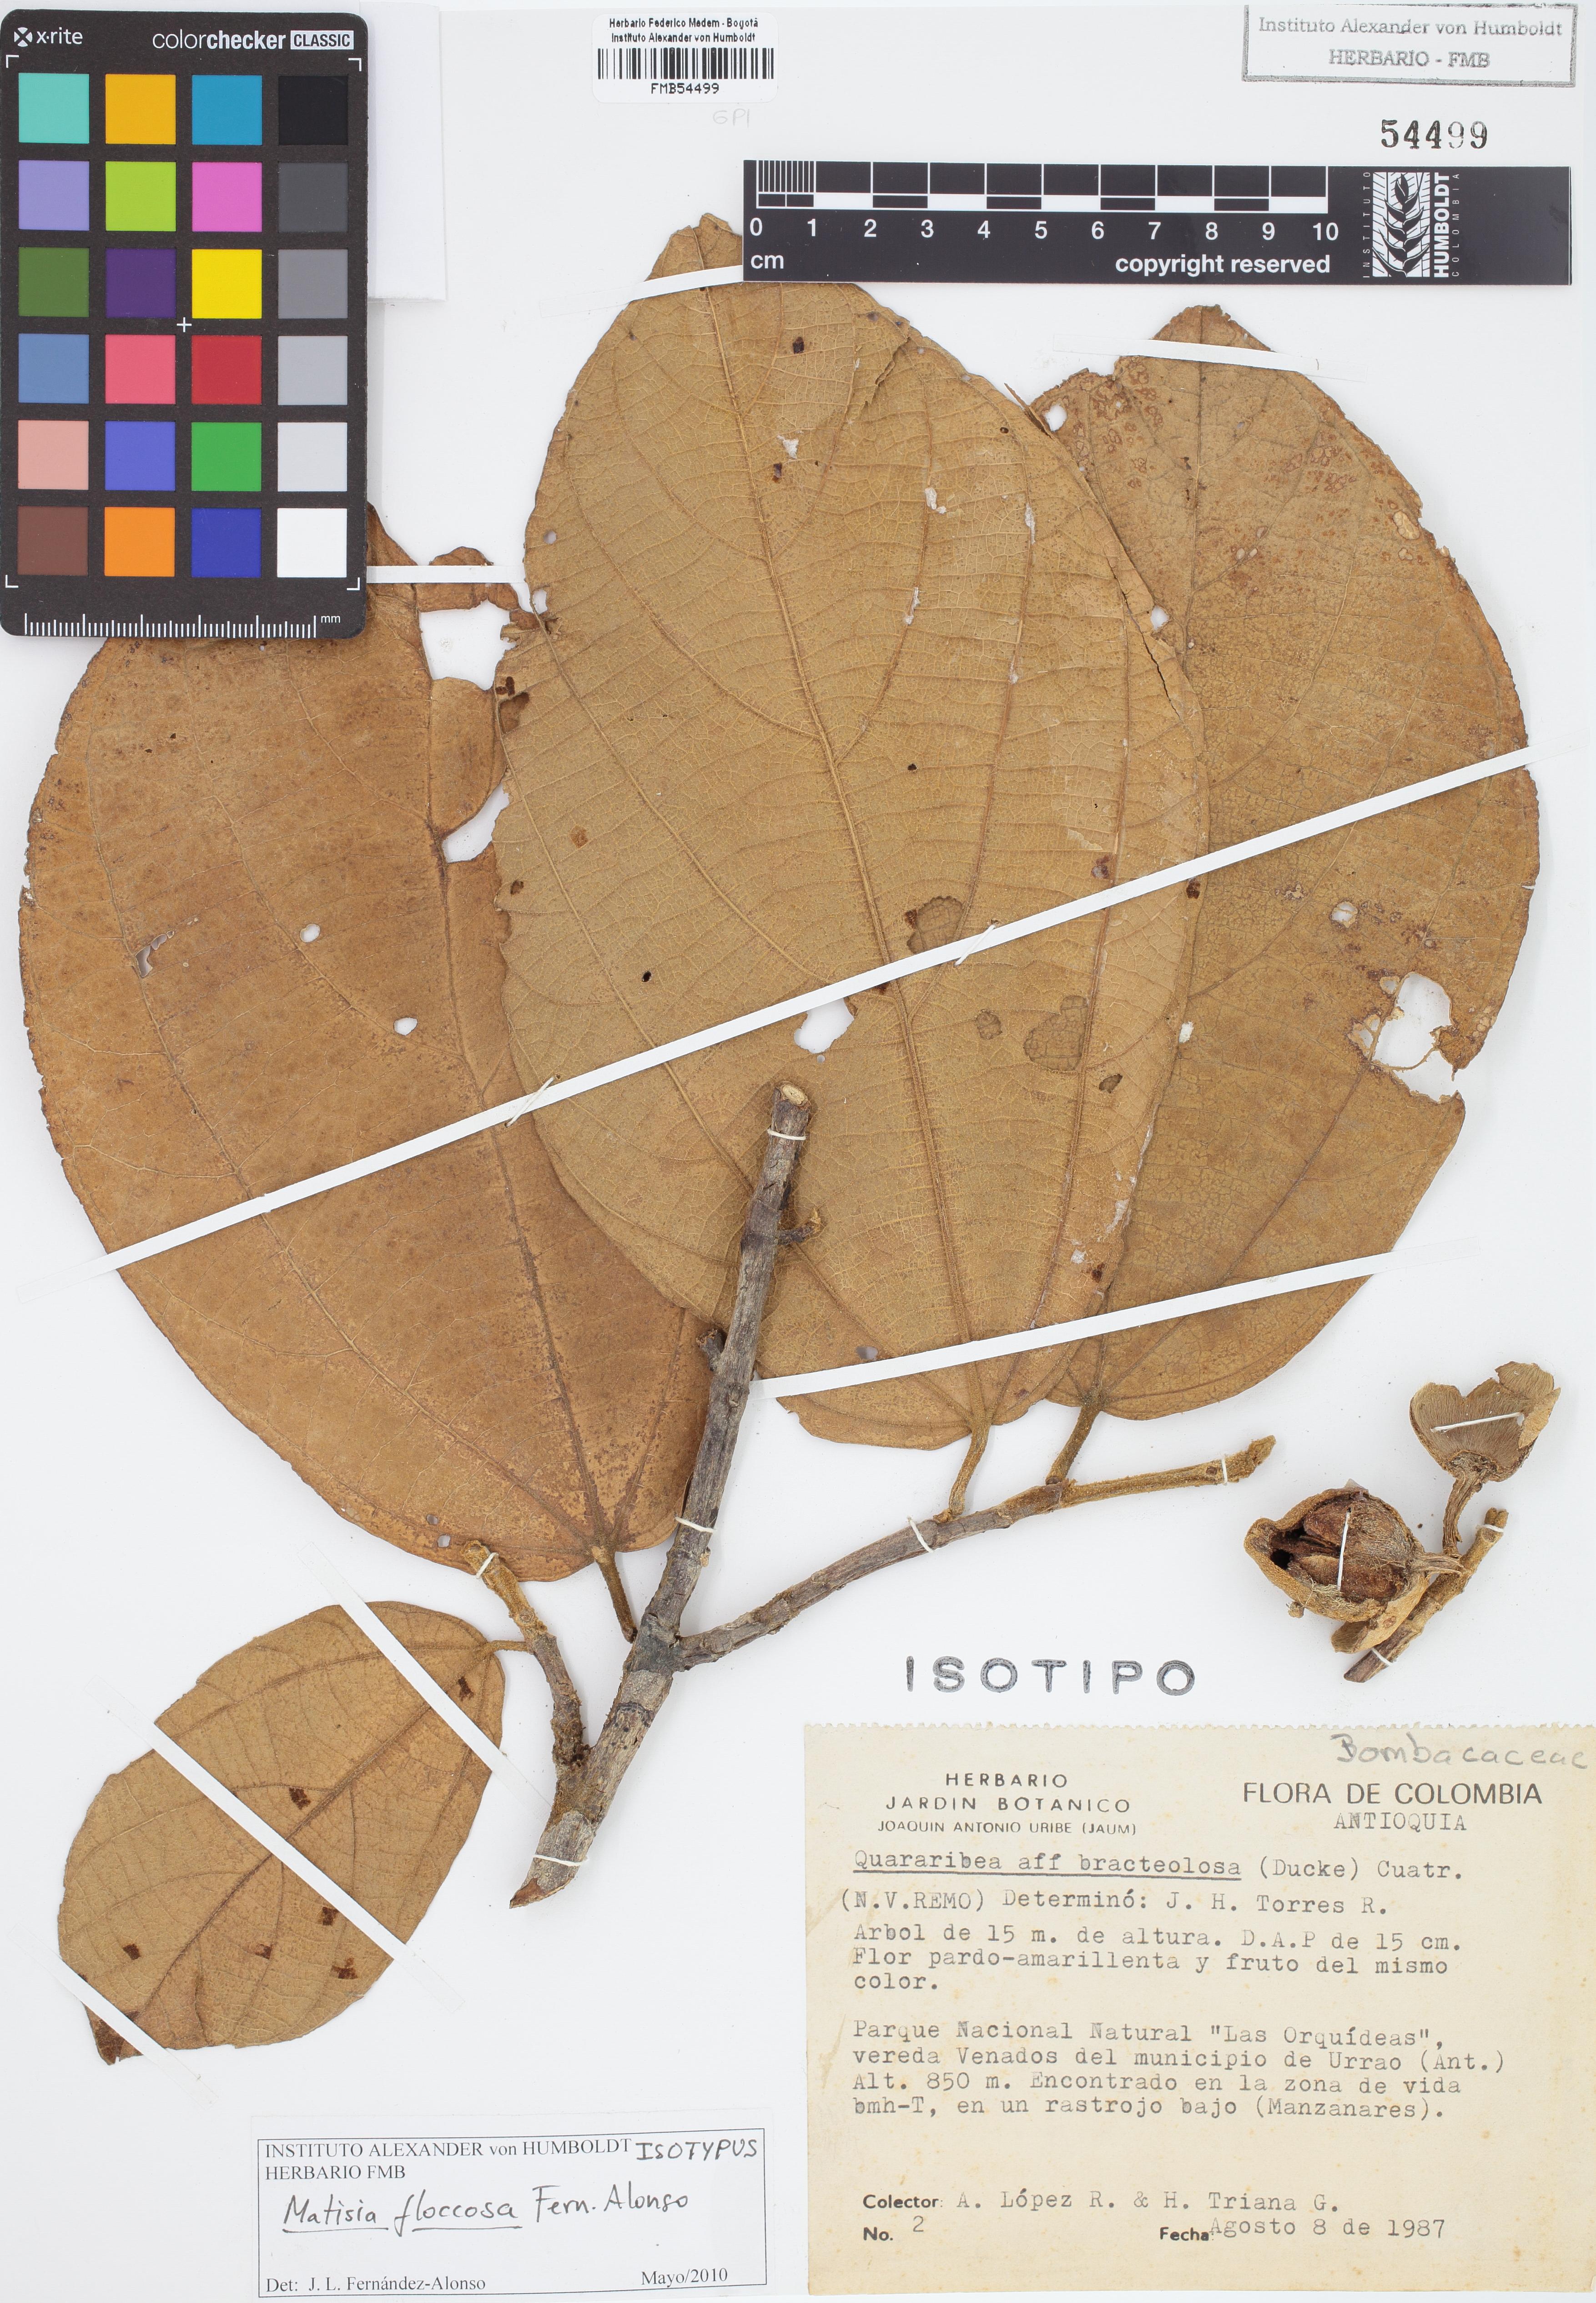 Isotipo de <em>Matisia floccosa</em>, FMB-54499, Fotografía por Robles A.